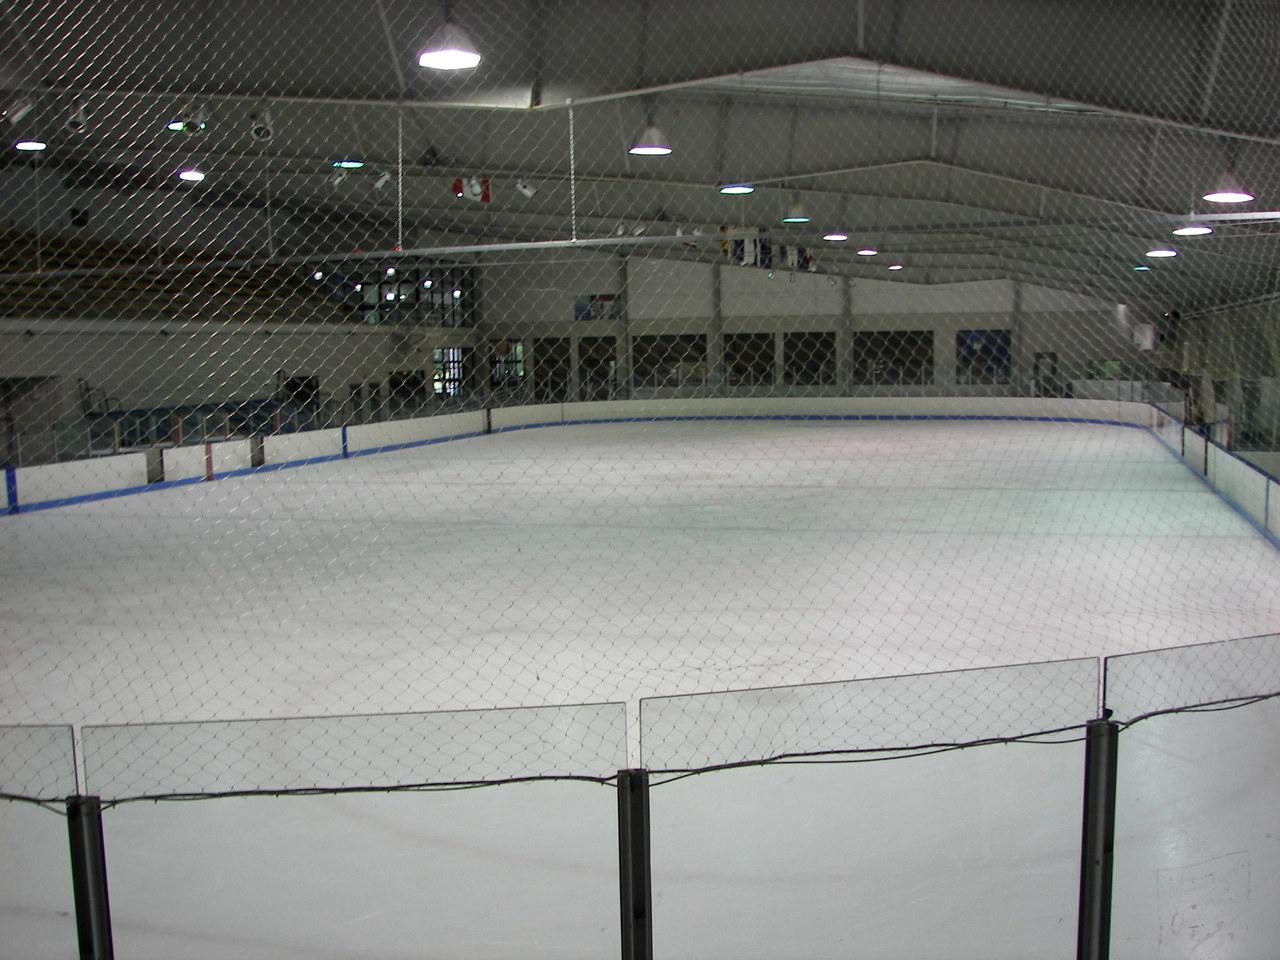 Roller skating rink huntsville al - Rink 1